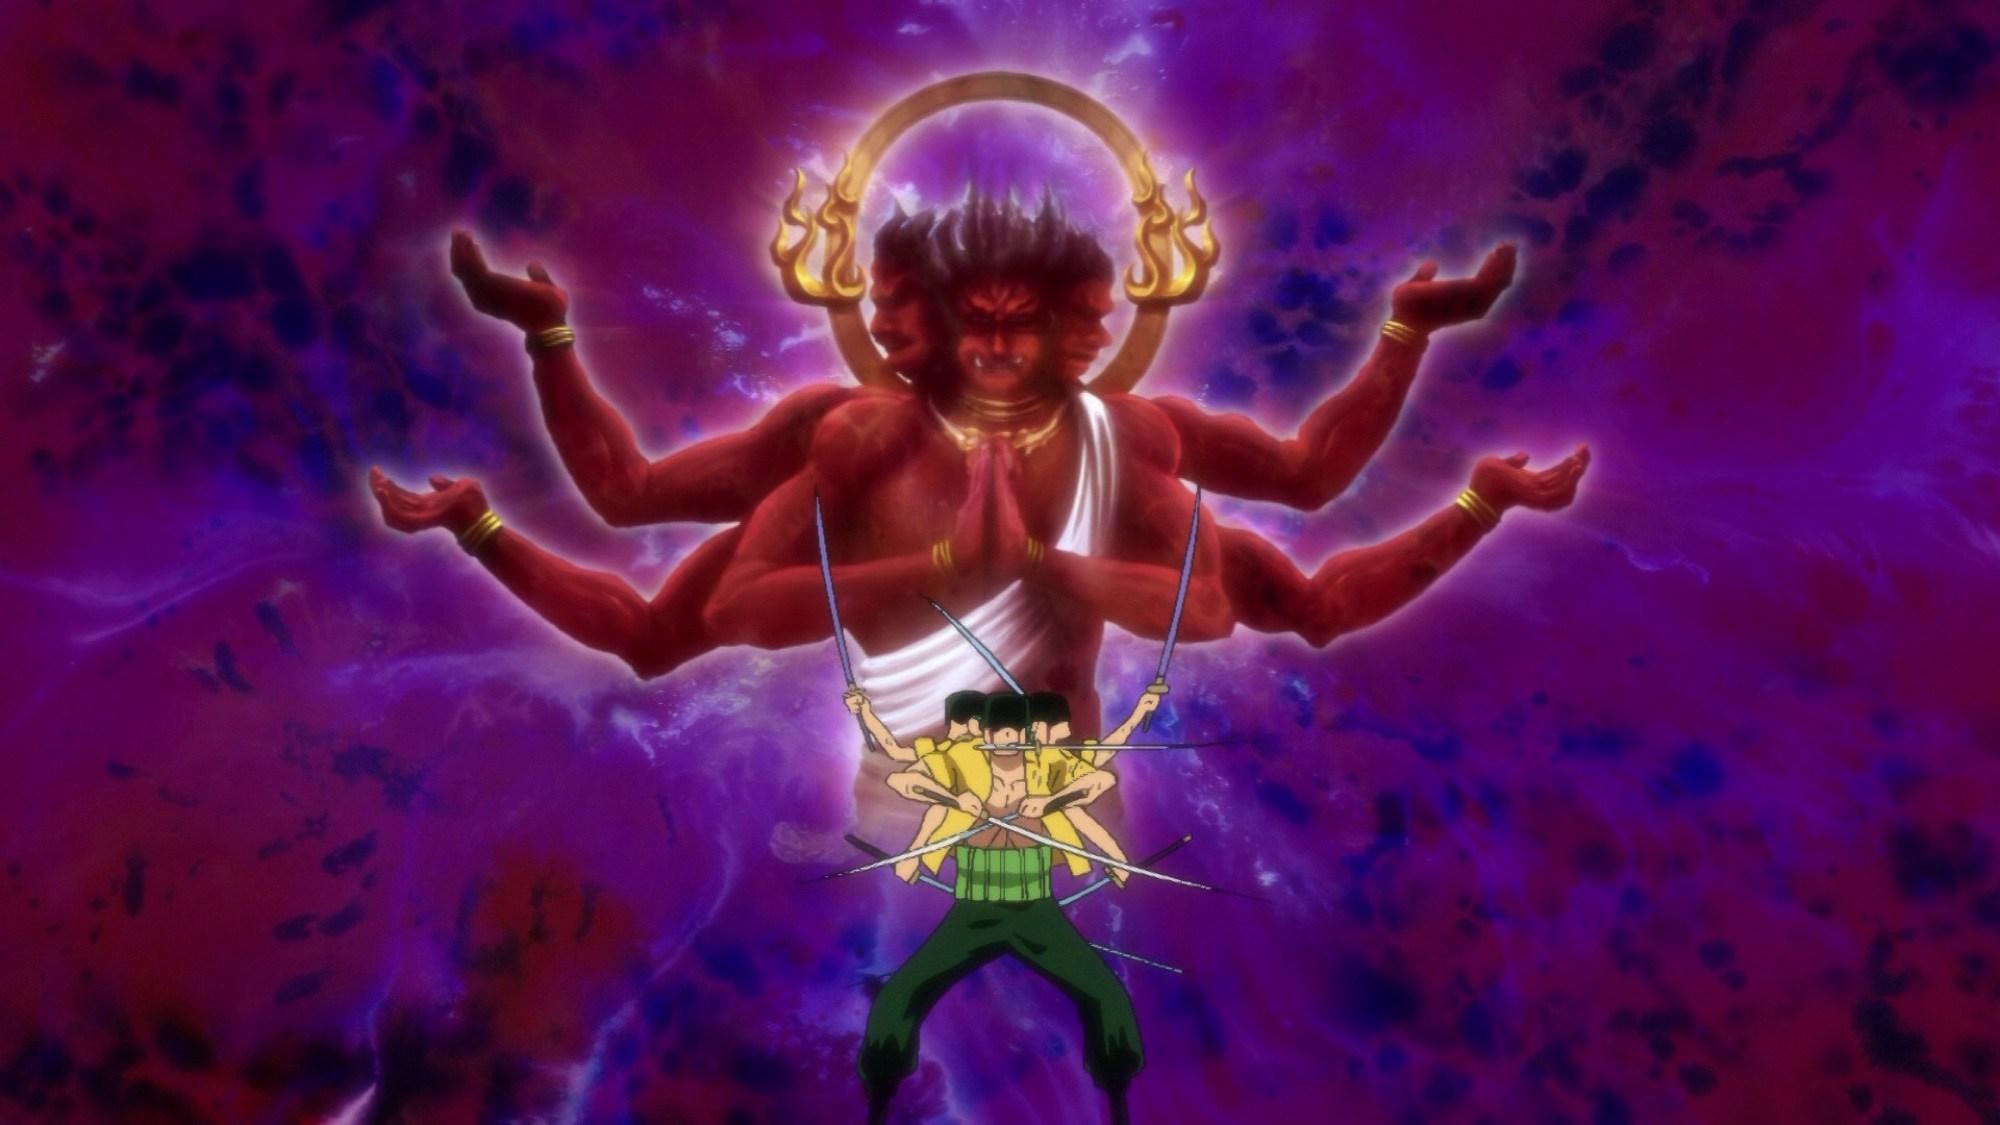 One Piece: Zoro đã sử dụng Haki Bá Vương của mình từ khi nào? Game4v-One-Piece-1